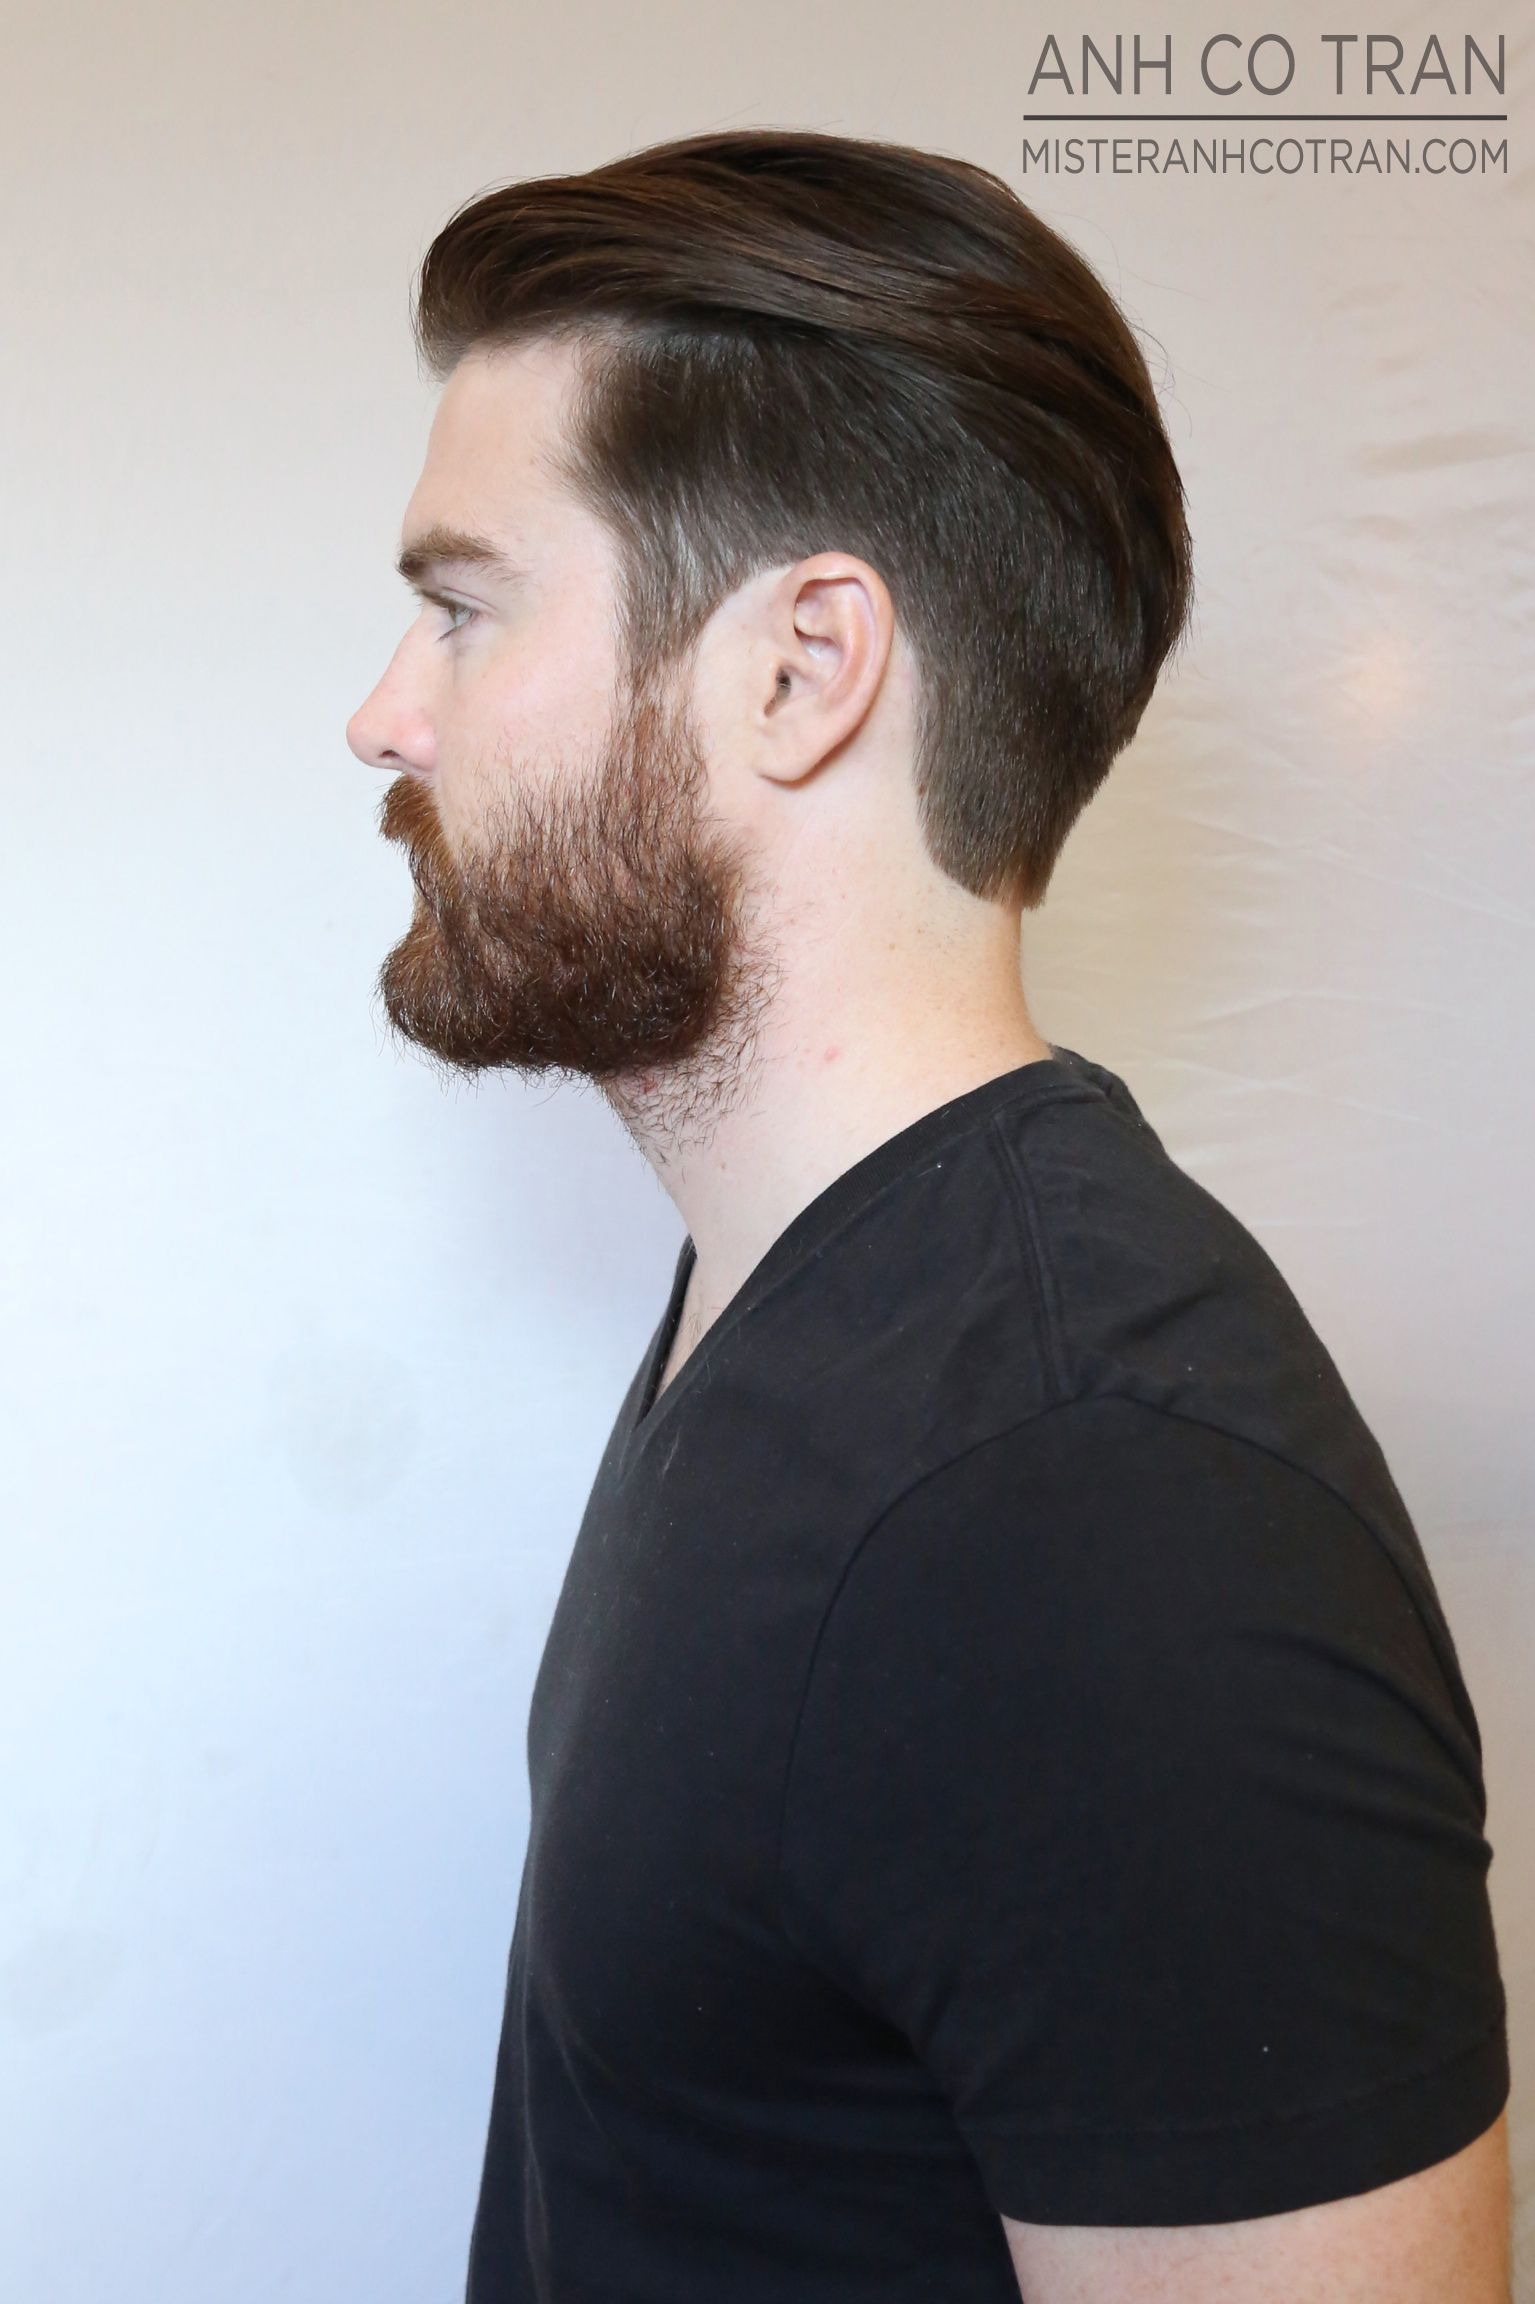 La A Clic Men S Haircut Cut Anh Co Tran Ramirez